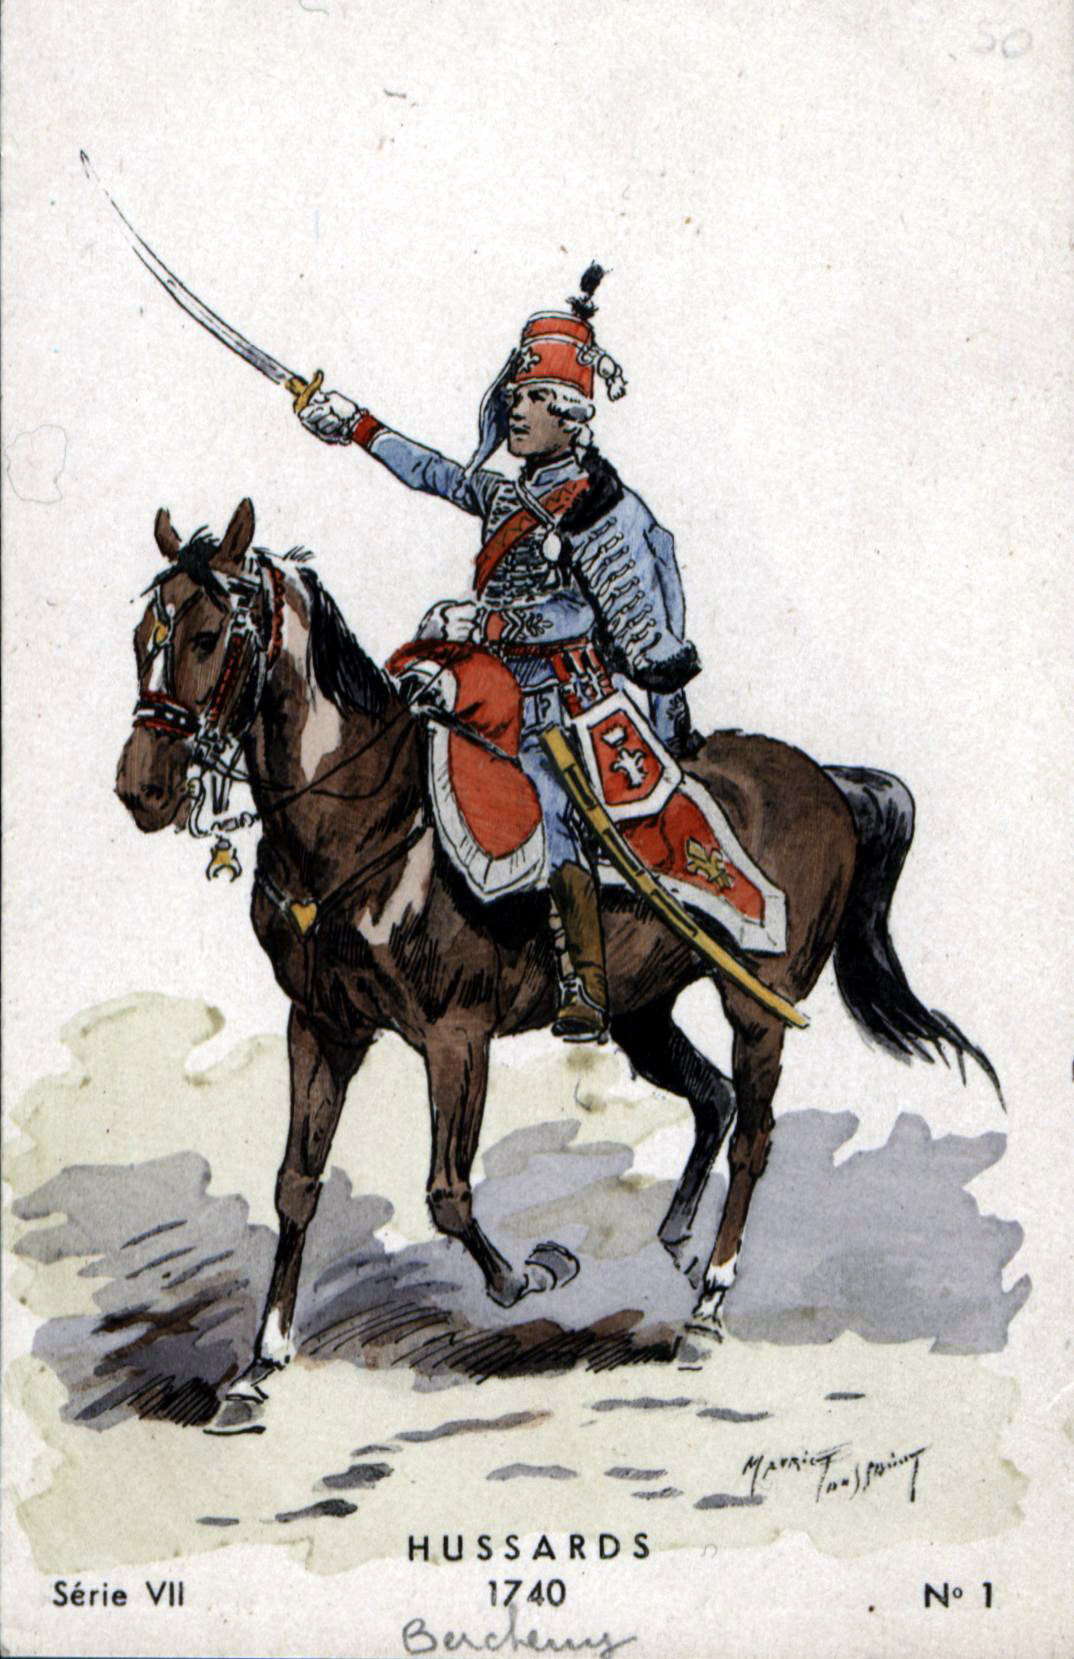 ellinika gamisia praetiriti fides exemplumque futuri hussard de